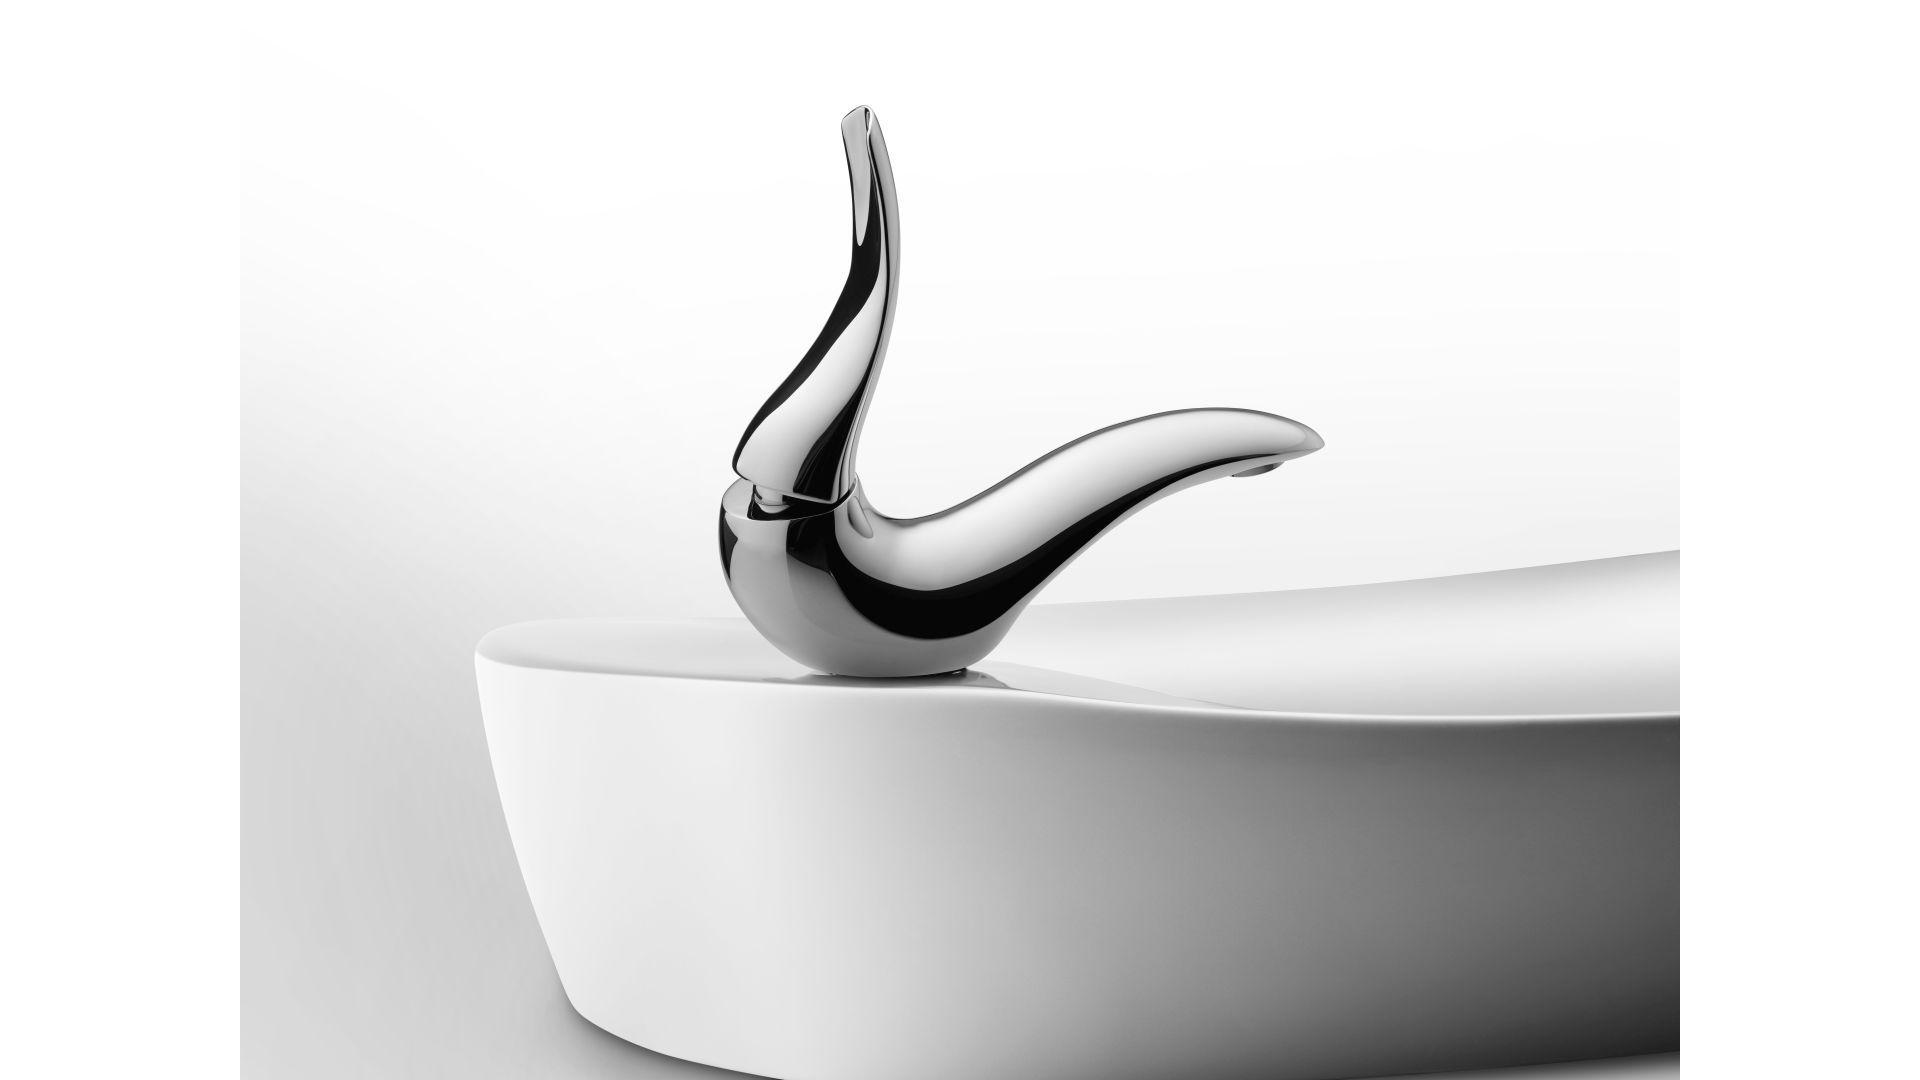 Bateria umywalkowa Artize Tailwater/Jaquar. Produkt zgłoszony do konkursu Dobry Design 2020.